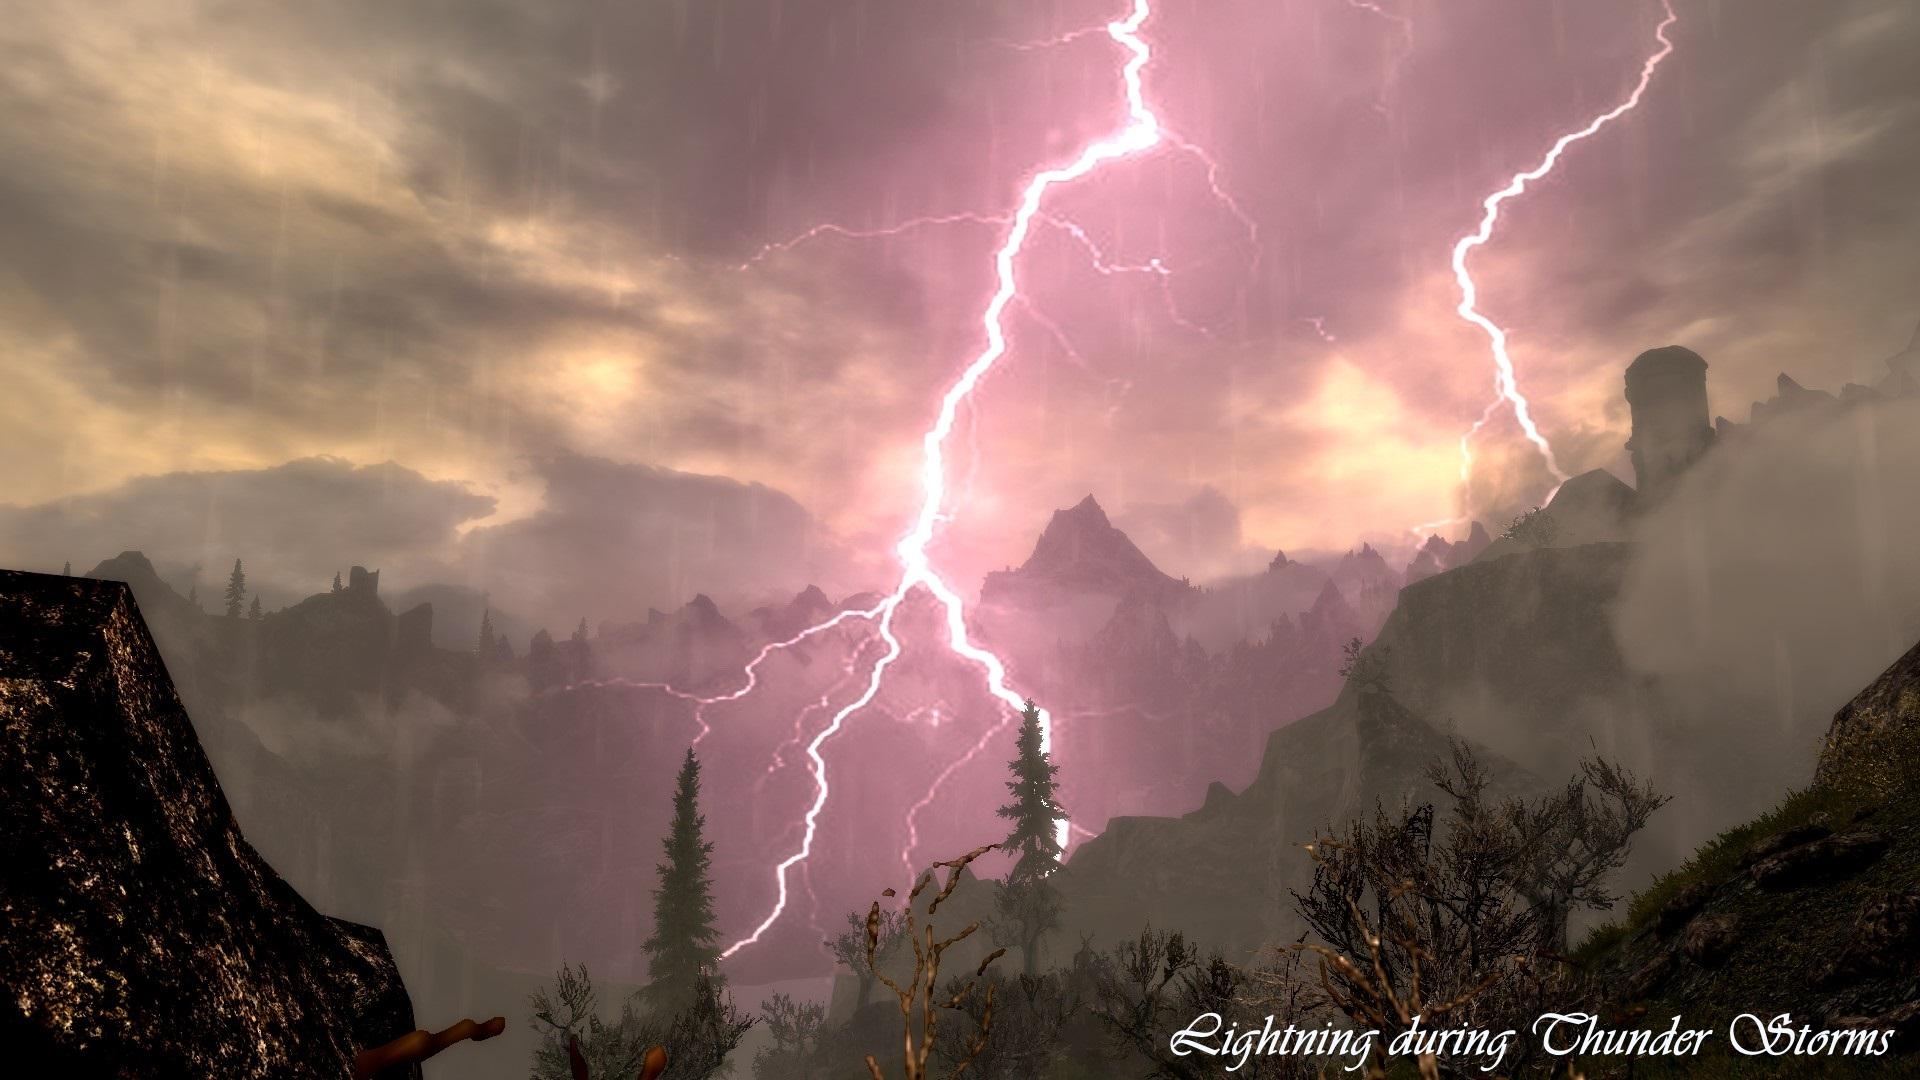 Lightning during Thunder Storms 02.jpg